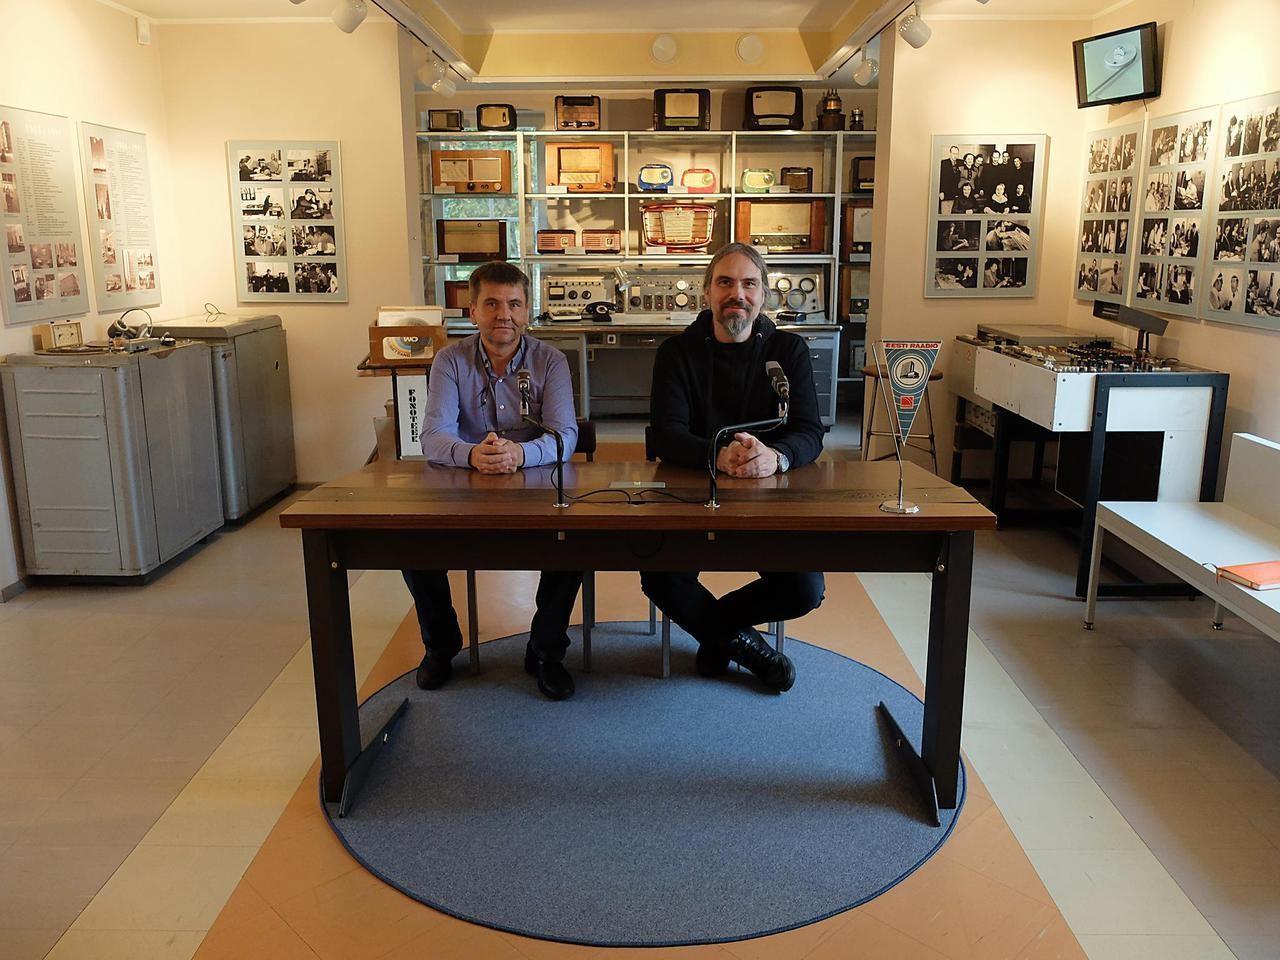 Eesti Ringhäälingumuuseumi direktor Juhan Sihver ja kunstnik Raul Keller. Foto: Maarin Ektermann